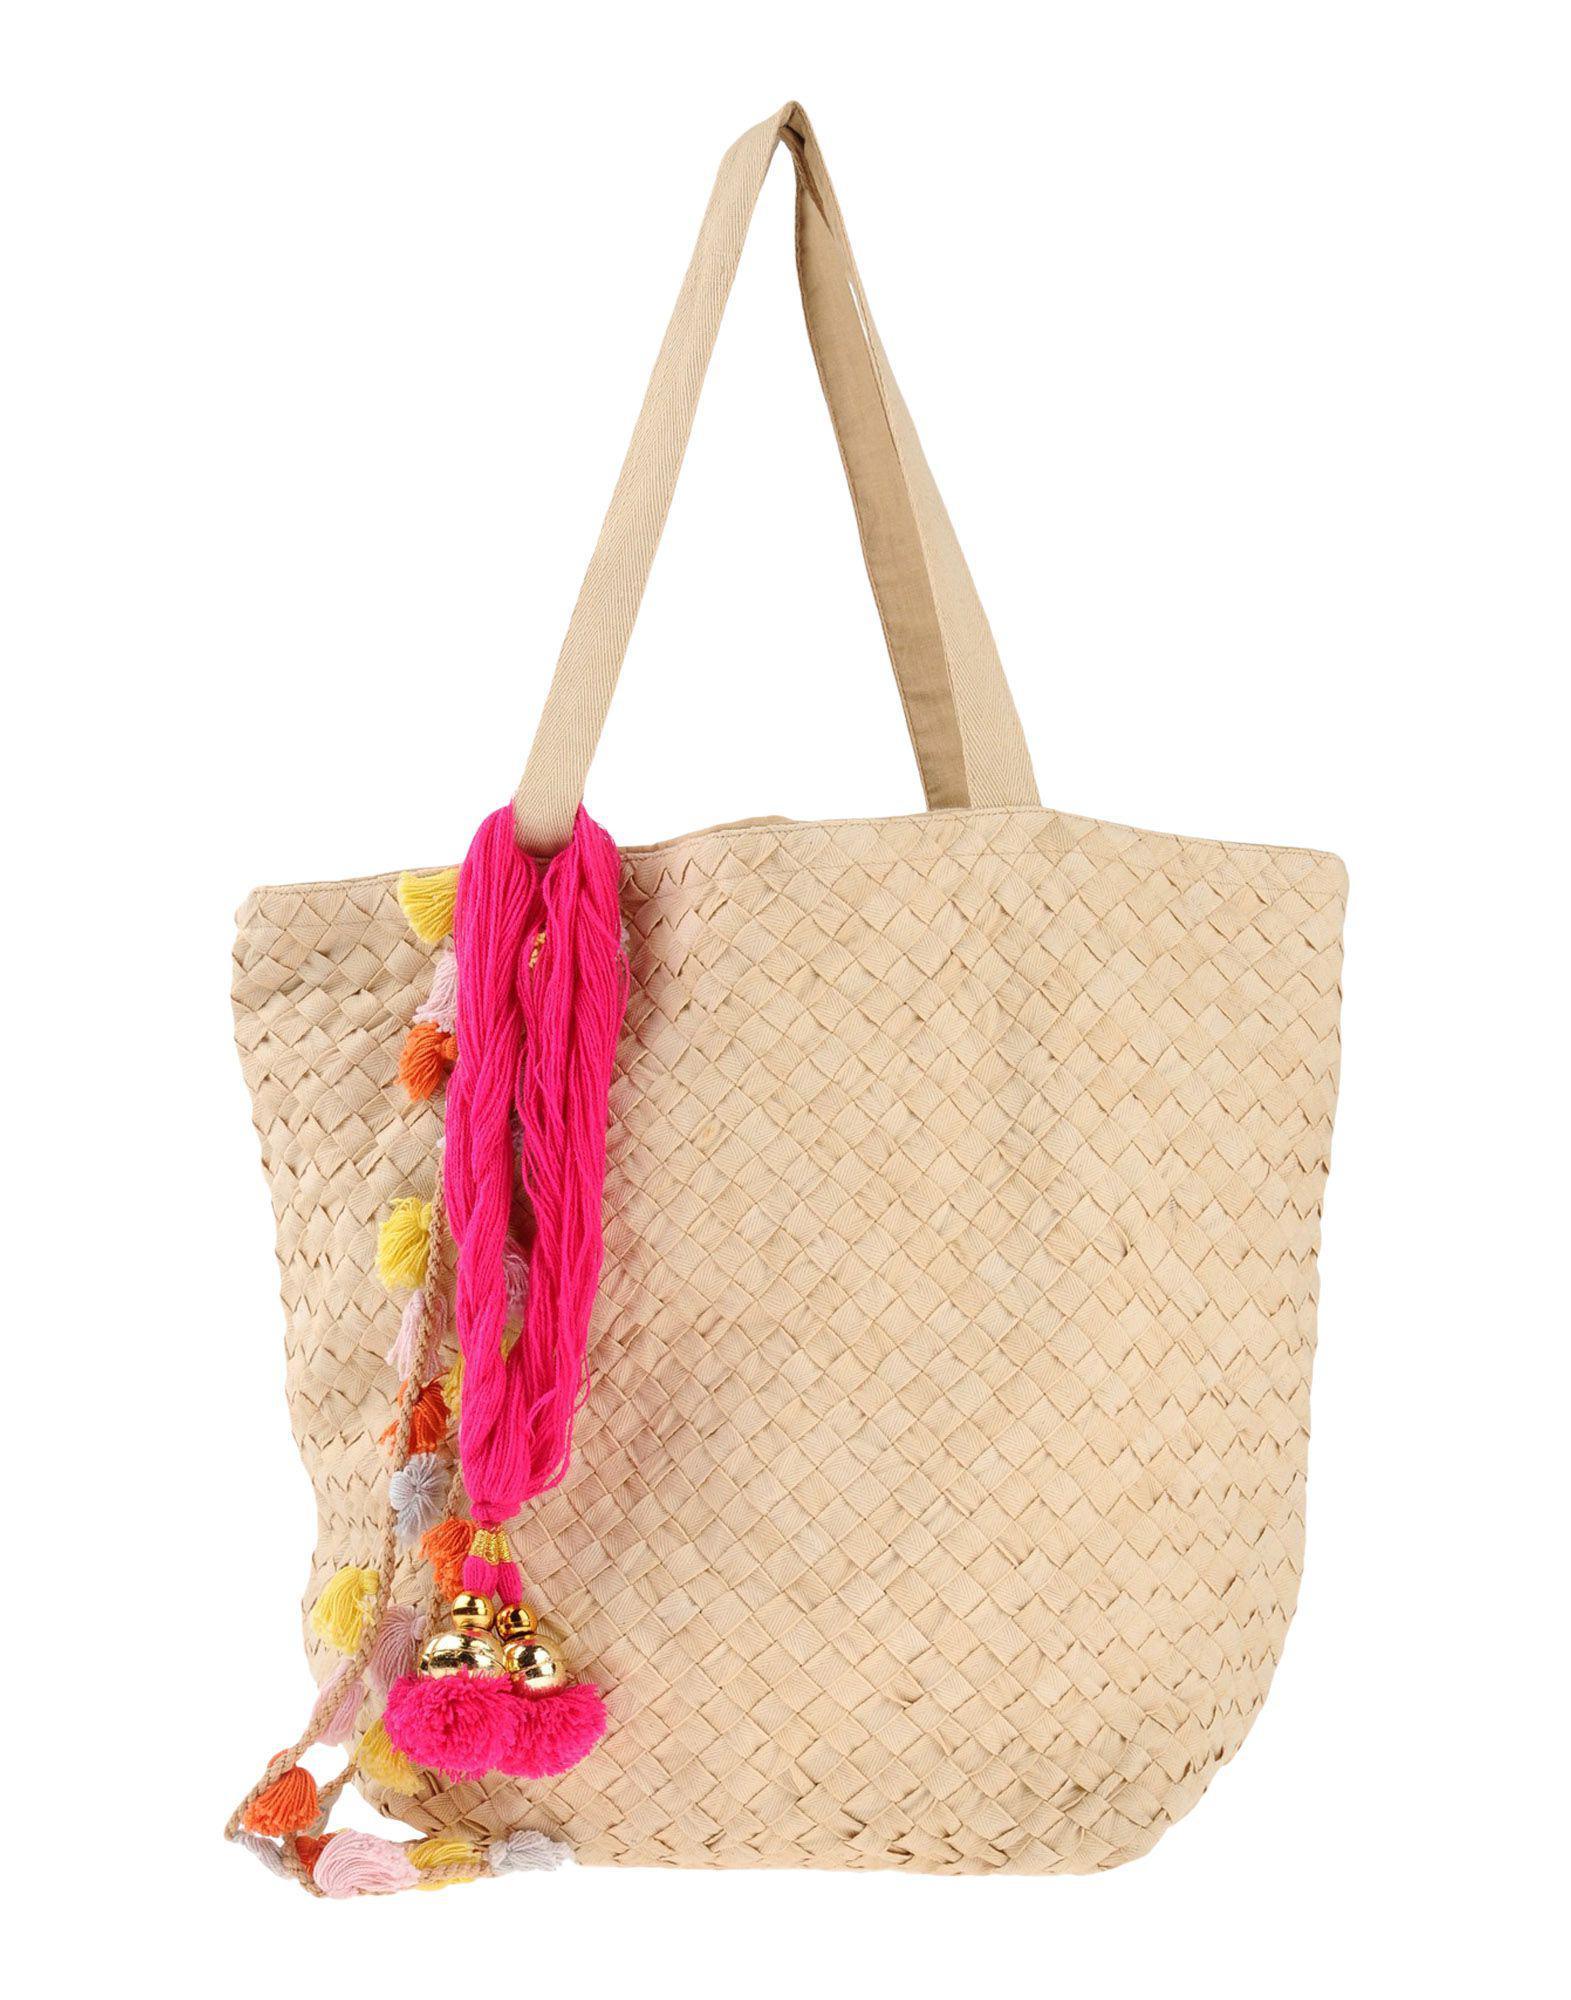 Lyst - Antik Batik Shoulder Bag 14de0a7ff6bd7